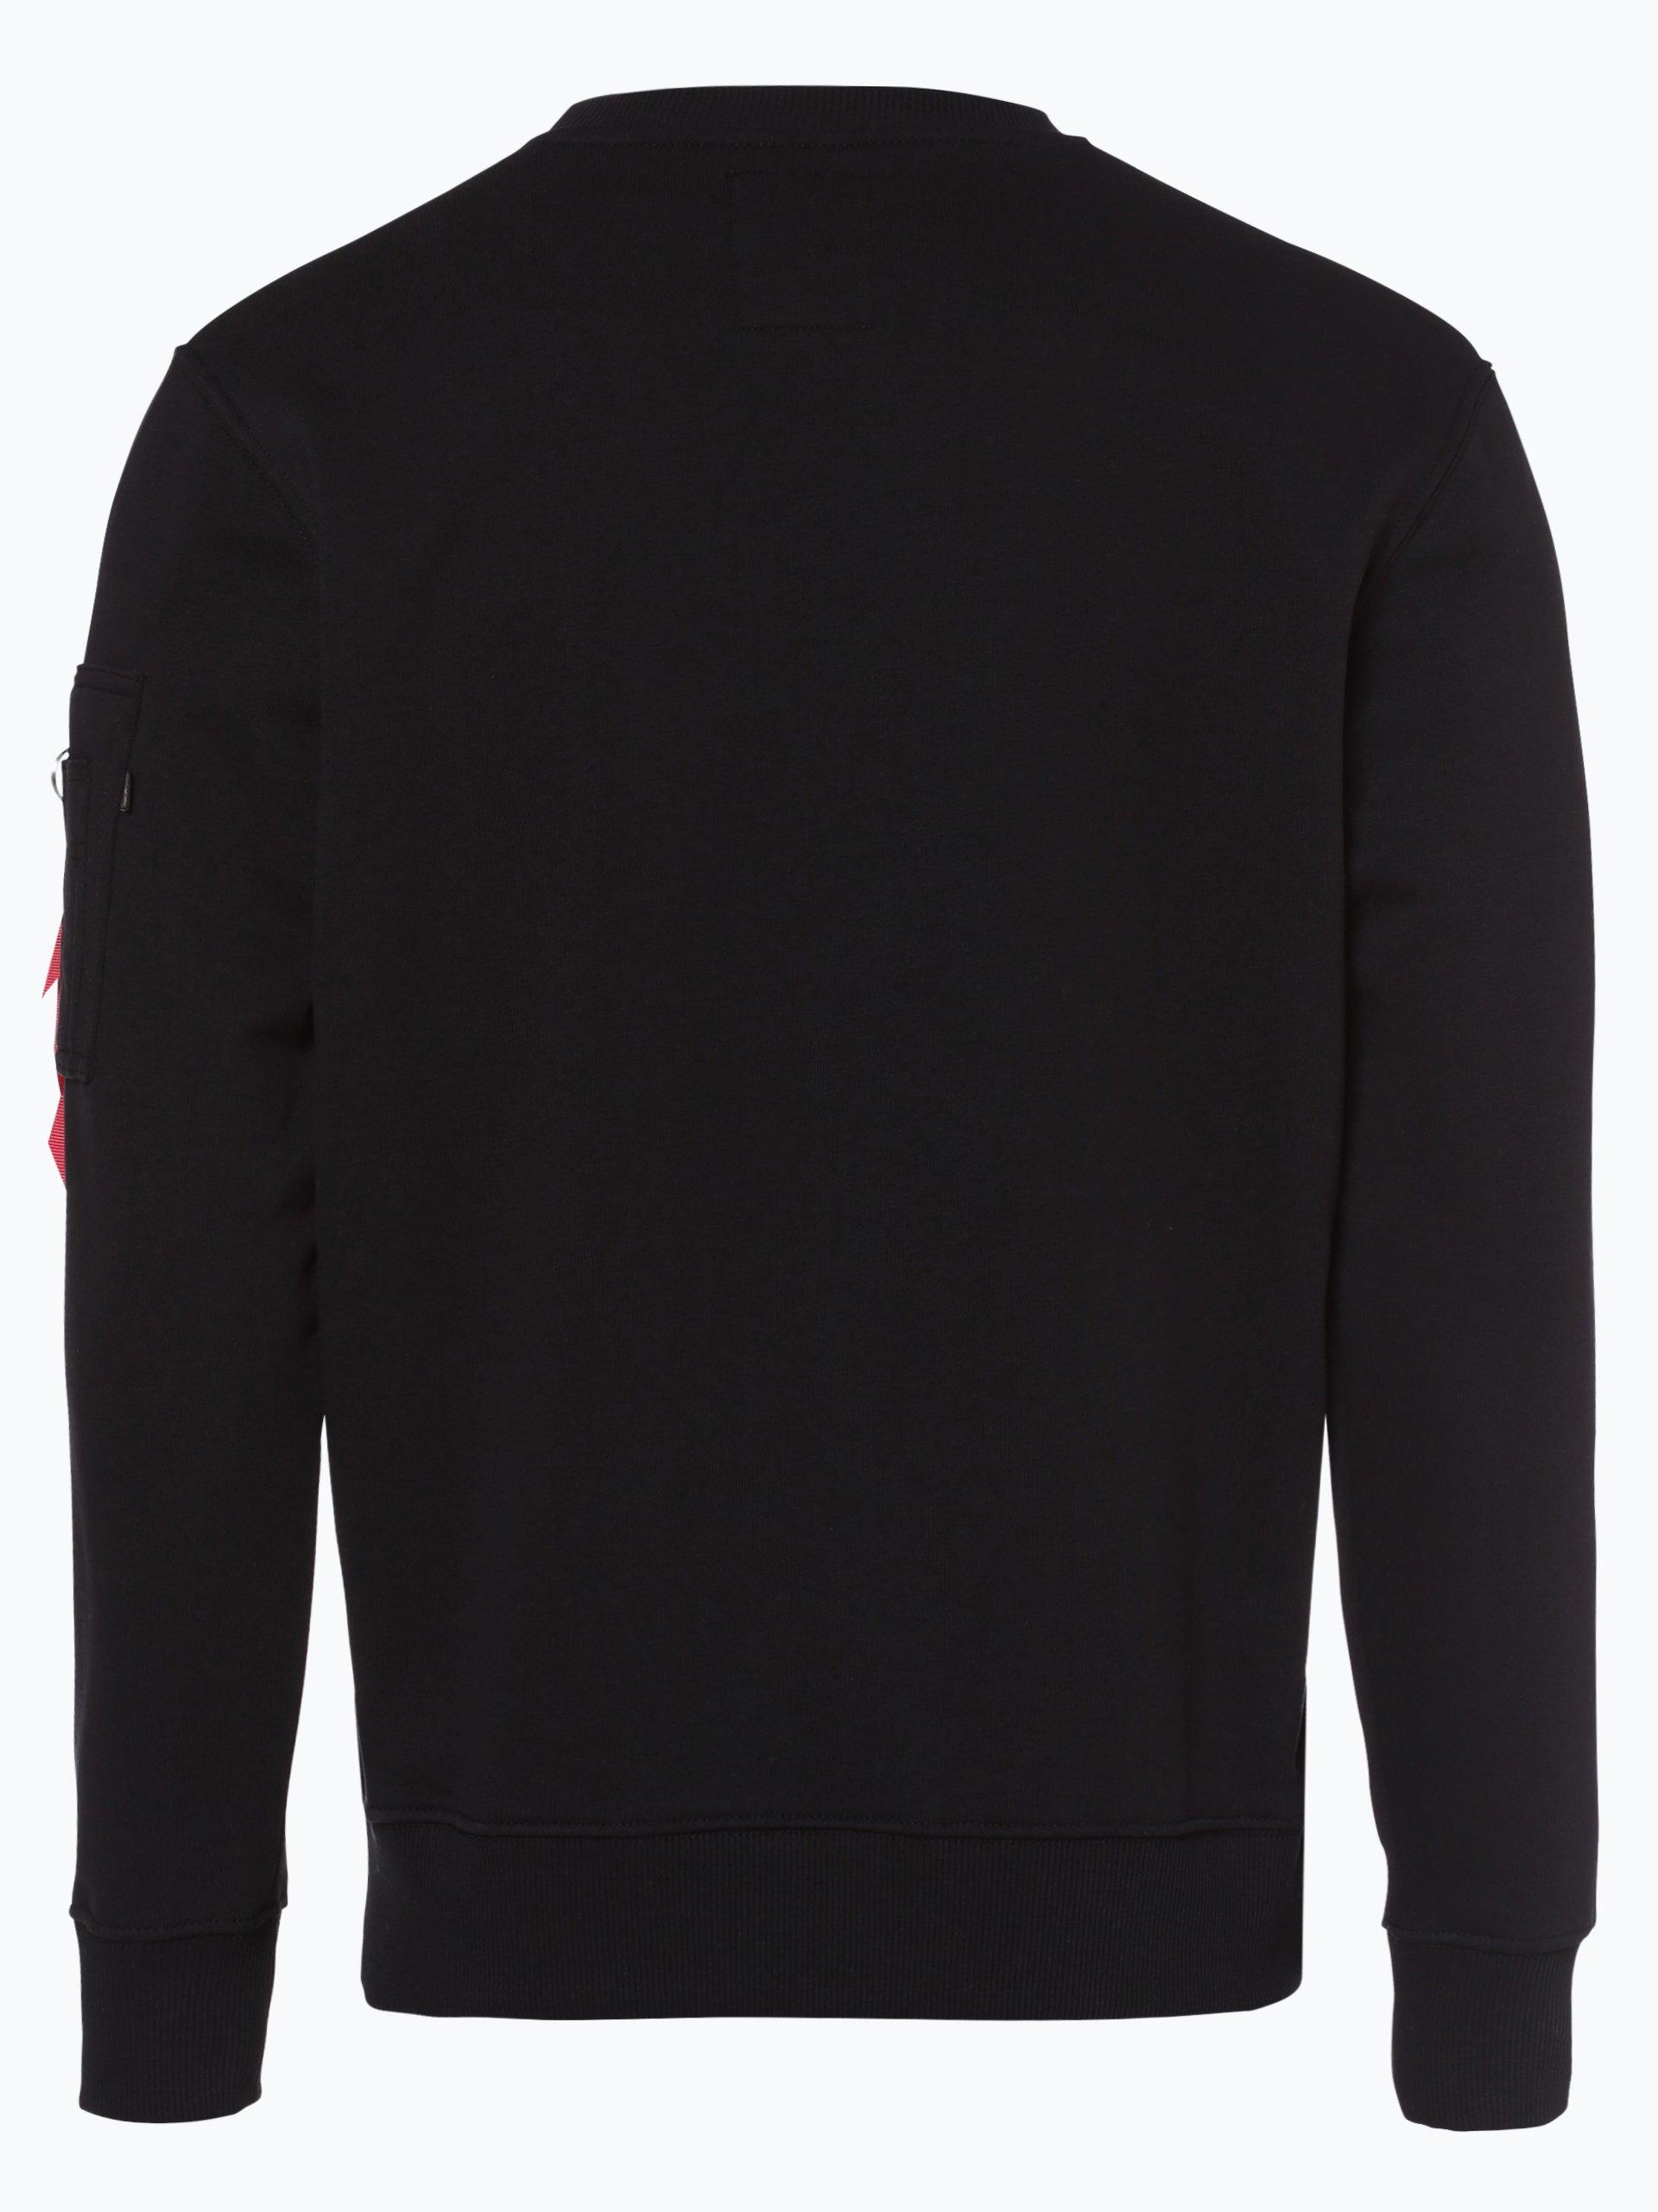 alpha industries herren sweatshirt schwarz gemustert. Black Bedroom Furniture Sets. Home Design Ideas